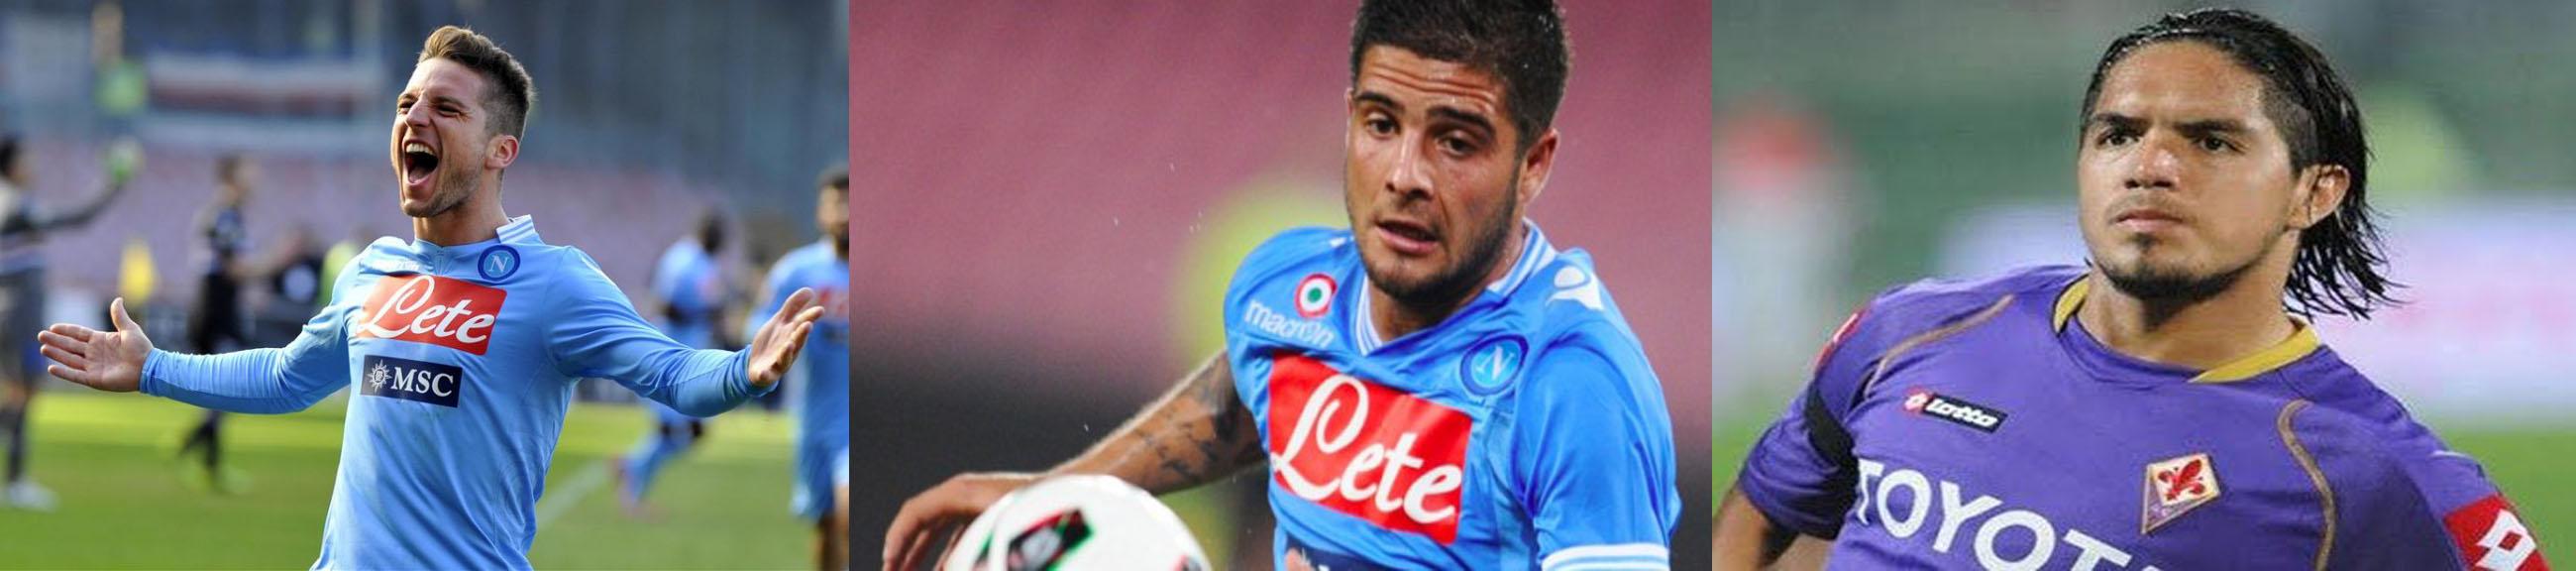 Photo of Il Napoli vince la sua quinta Coppa Italia